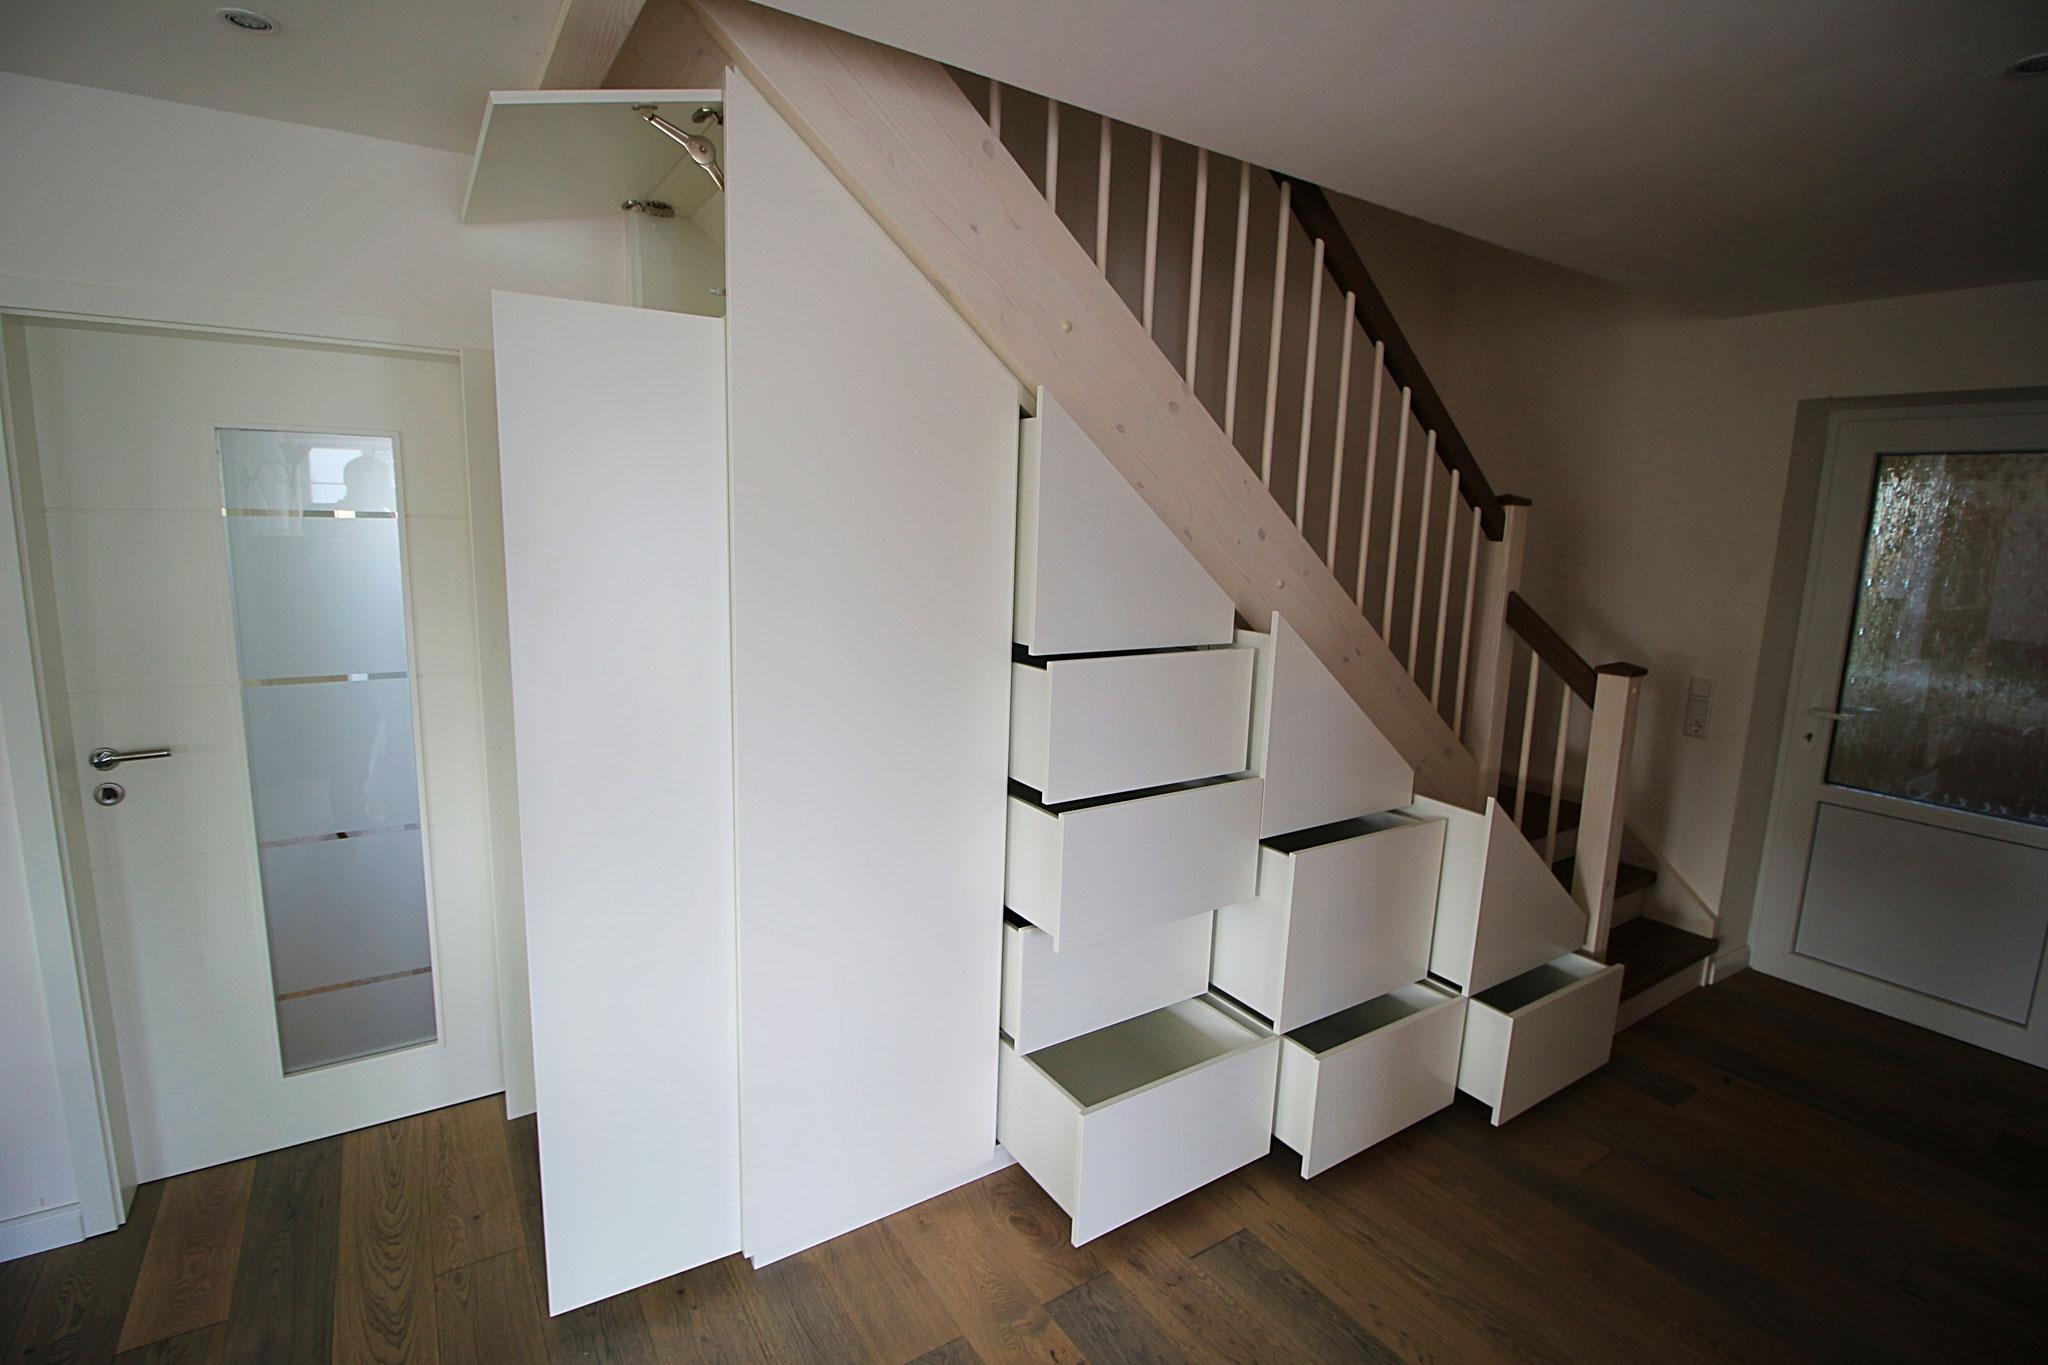 unter dem langen Lauf der Treppe drei nebeneinander stehende Schrankelemente